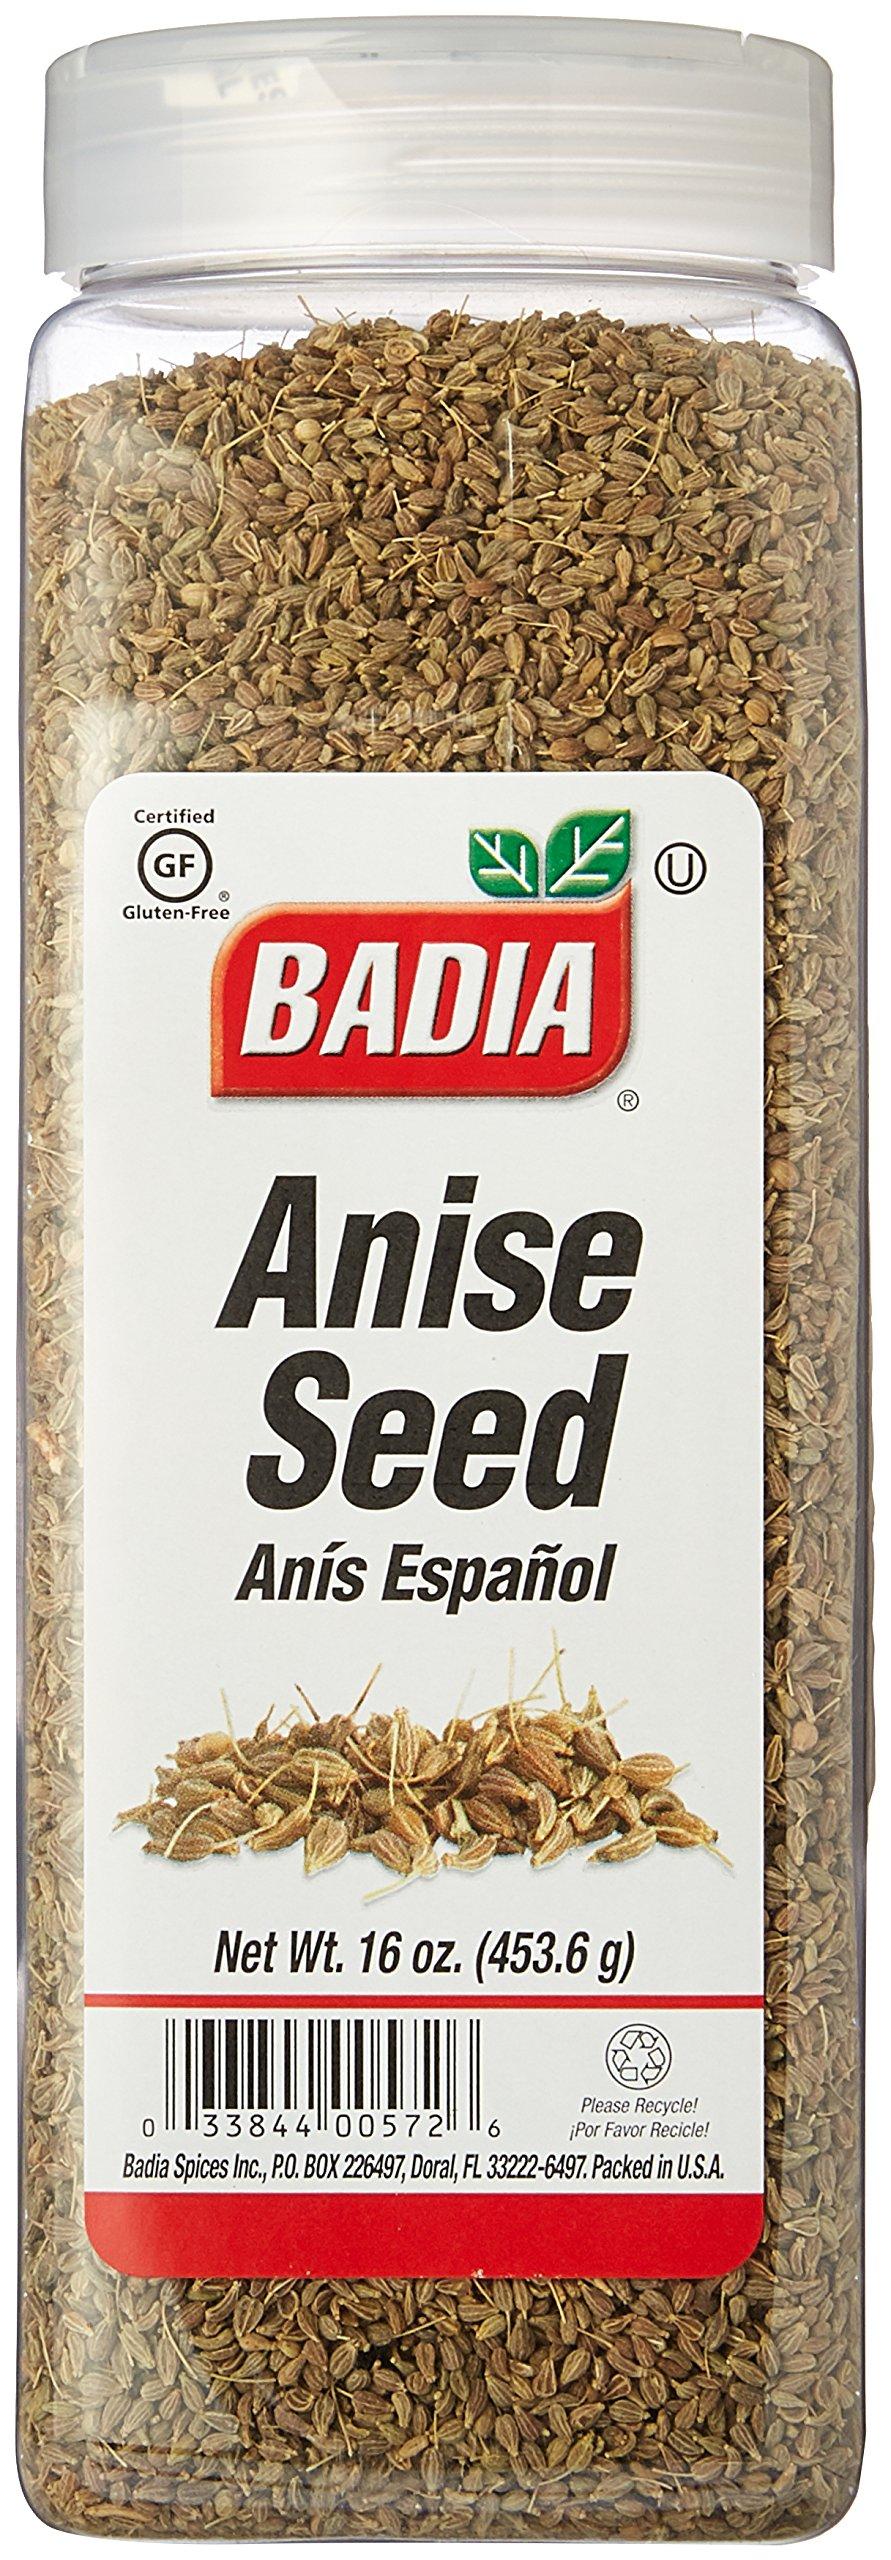 Badia Anise Seed Whole 16 oz Pack of 2